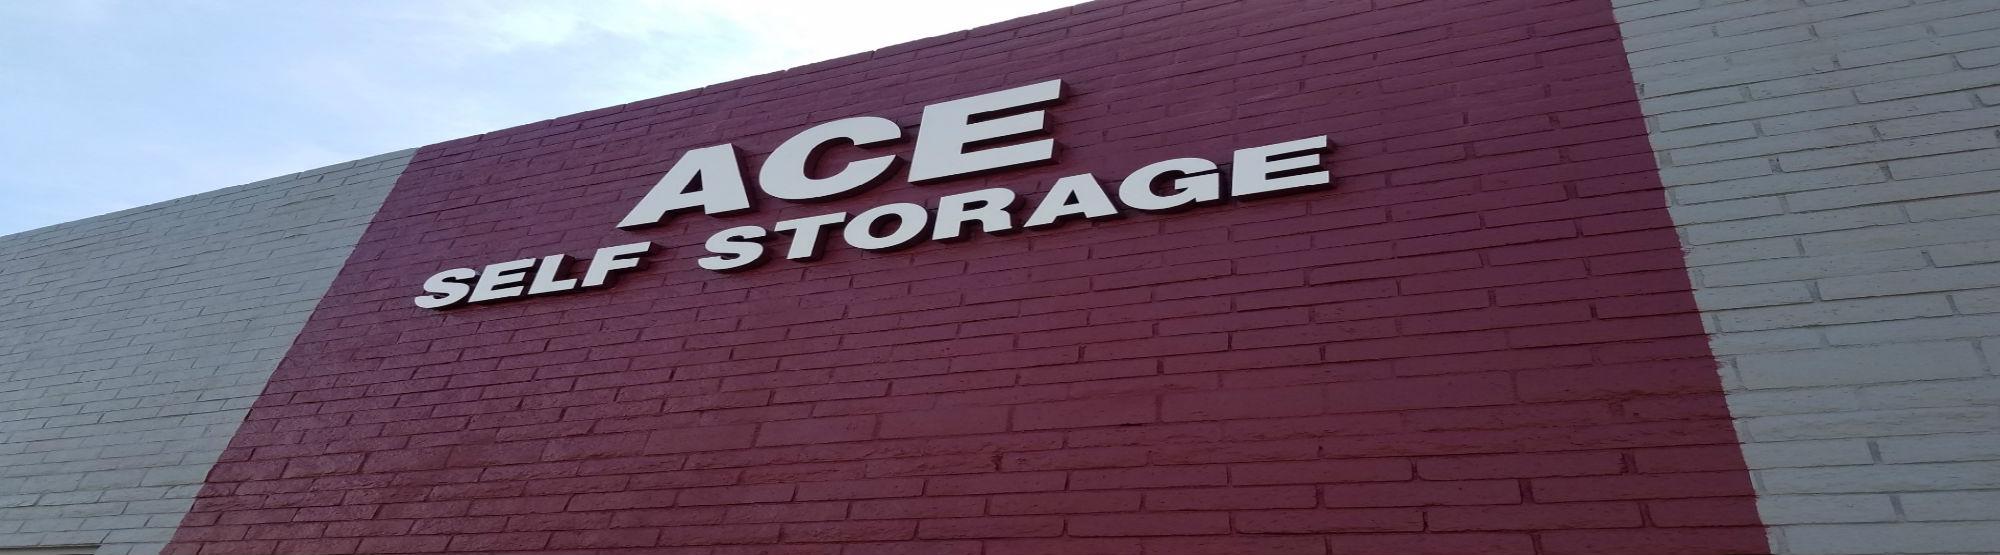 Ace Self Storage